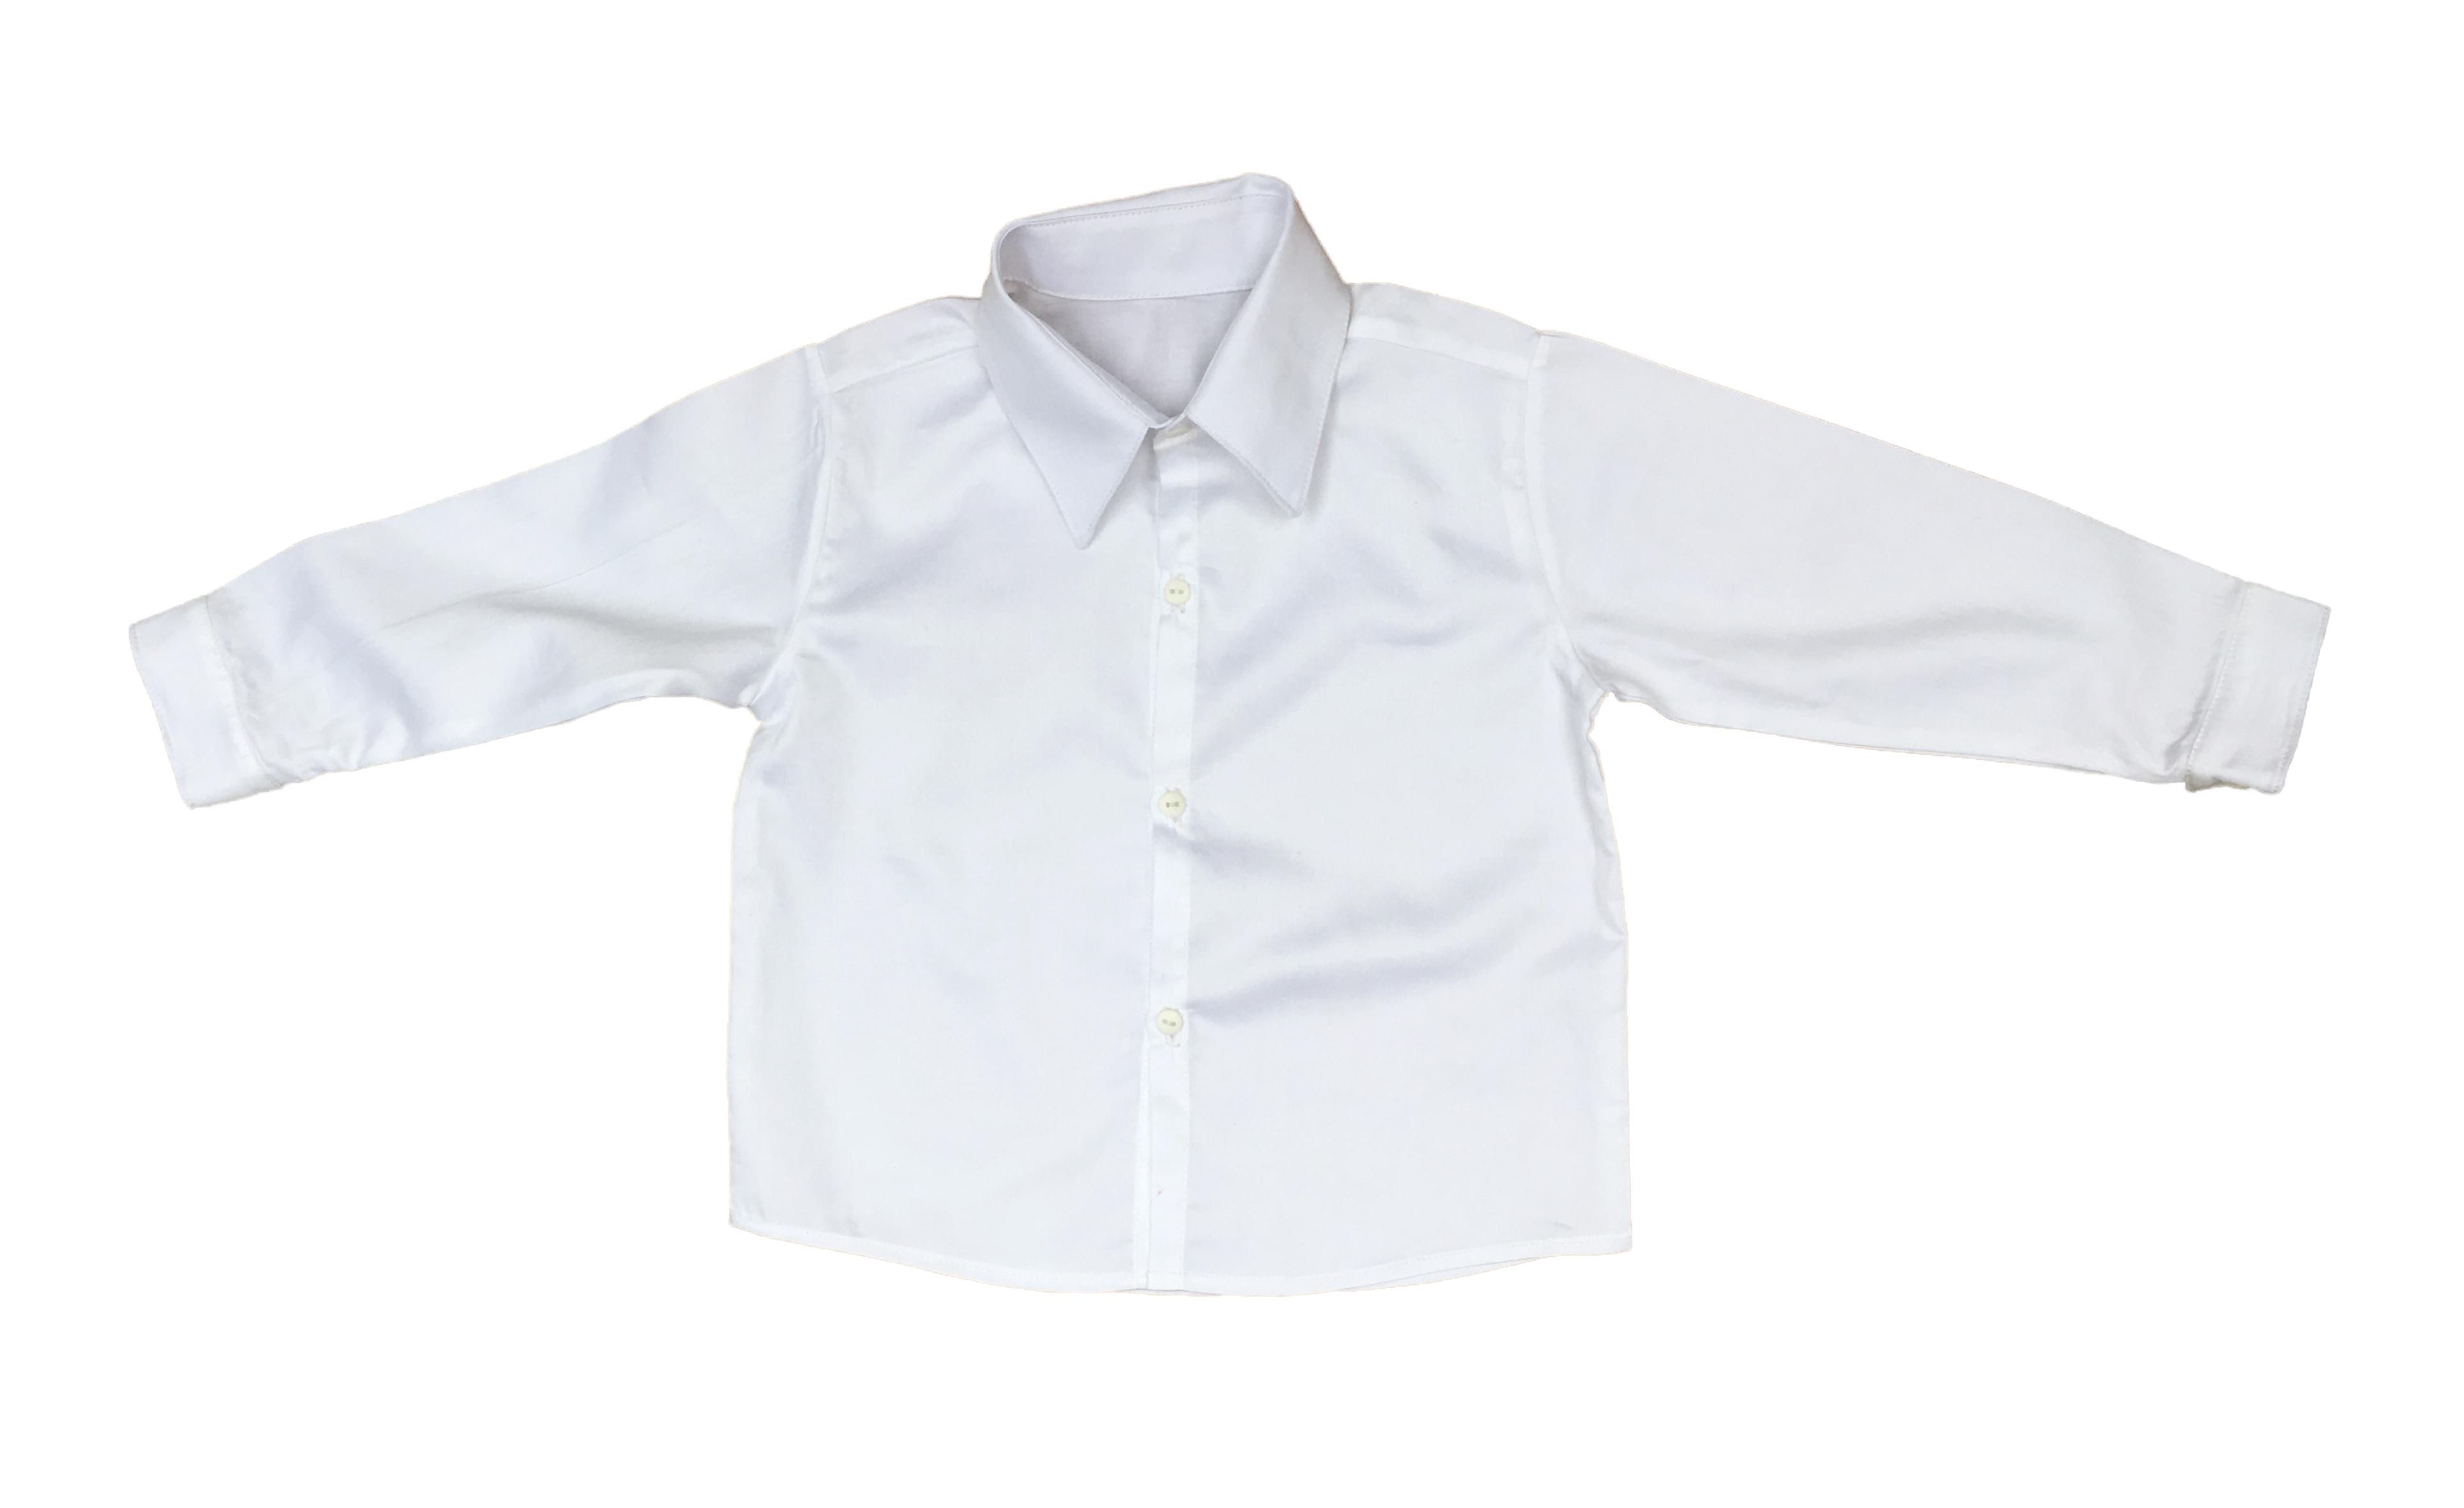 5d0fce6e3 Camisa Social Infantil  manga comprida no Elo7